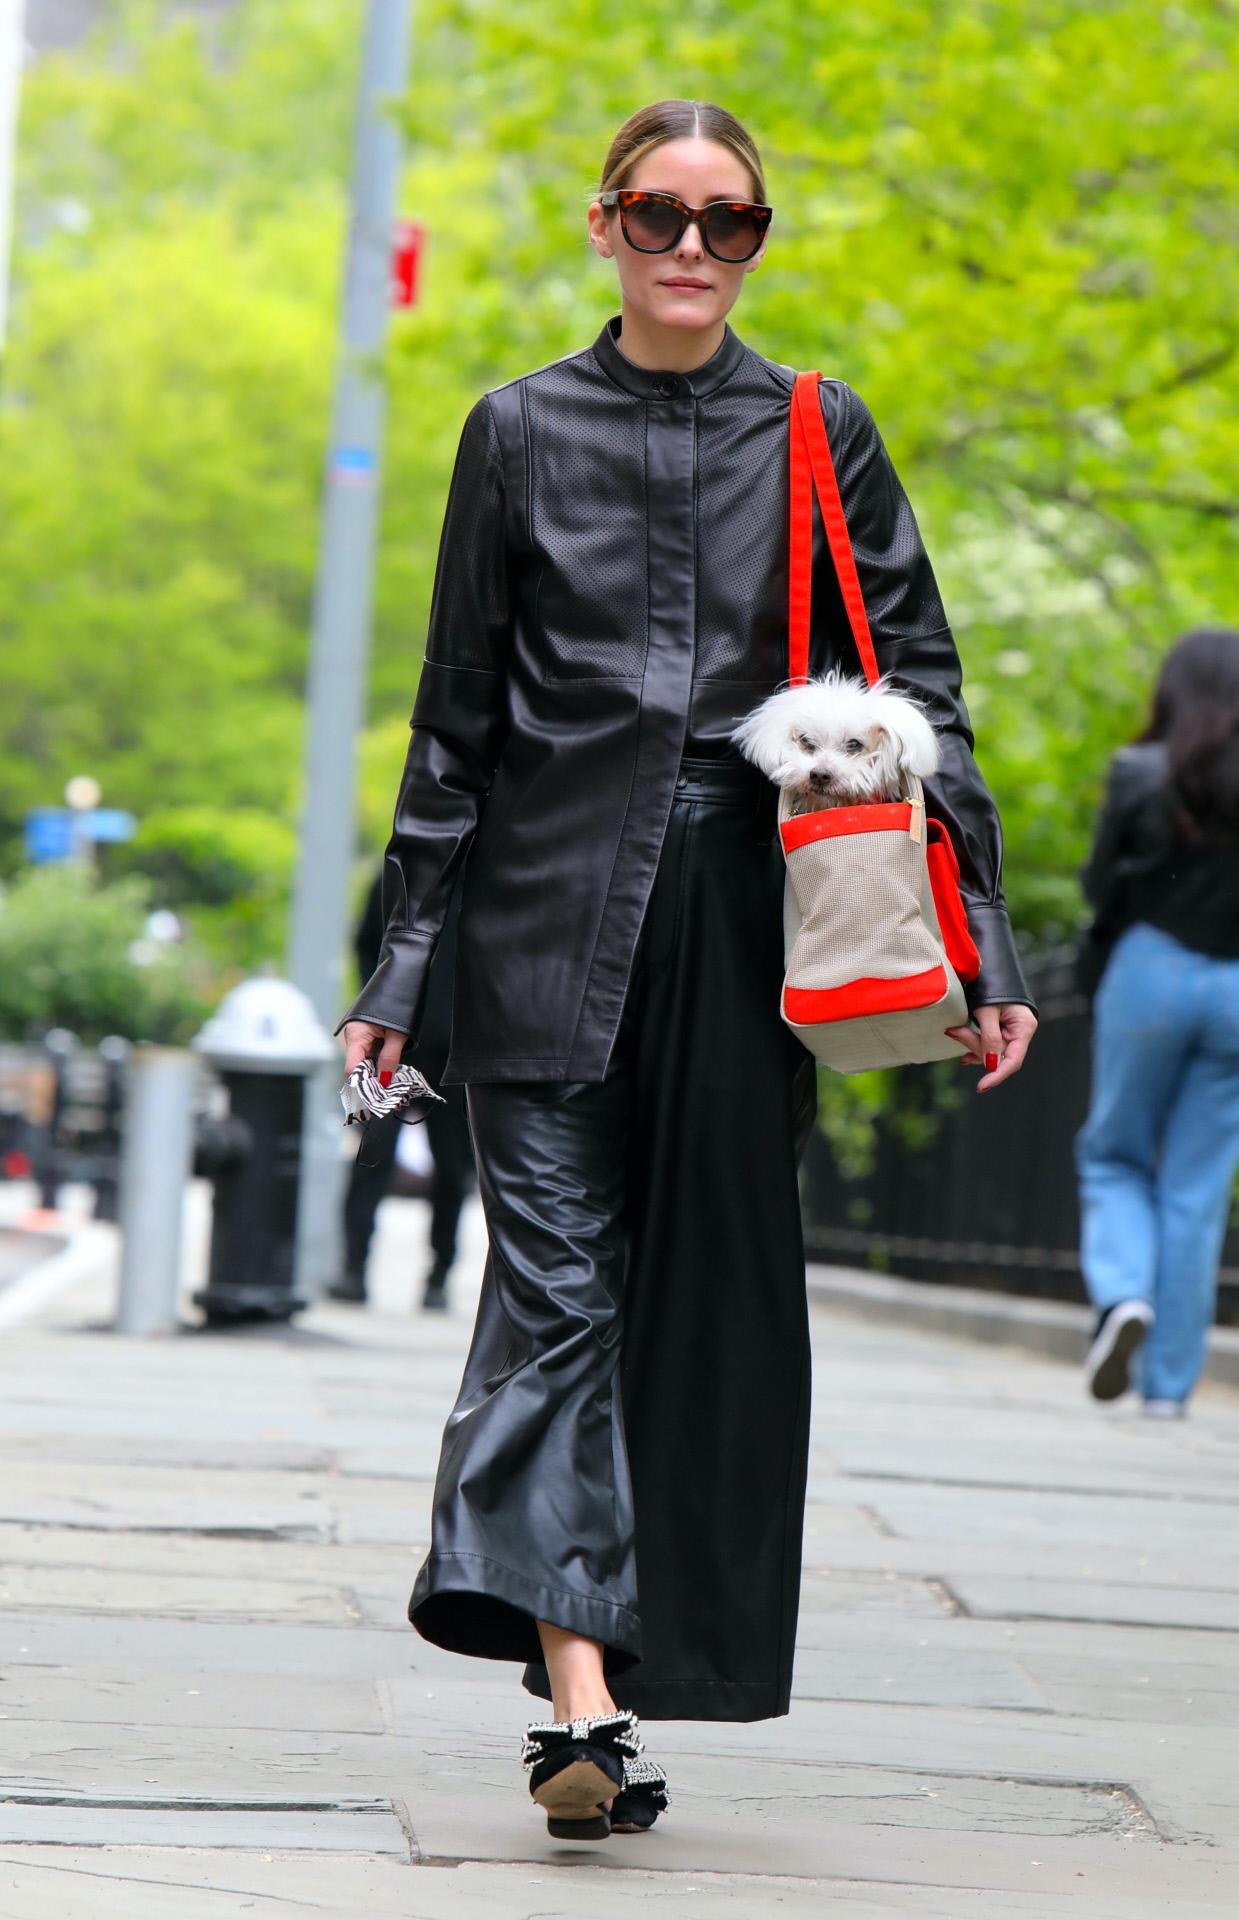 El look de Olivia Palermo, en total black y con mules joya.